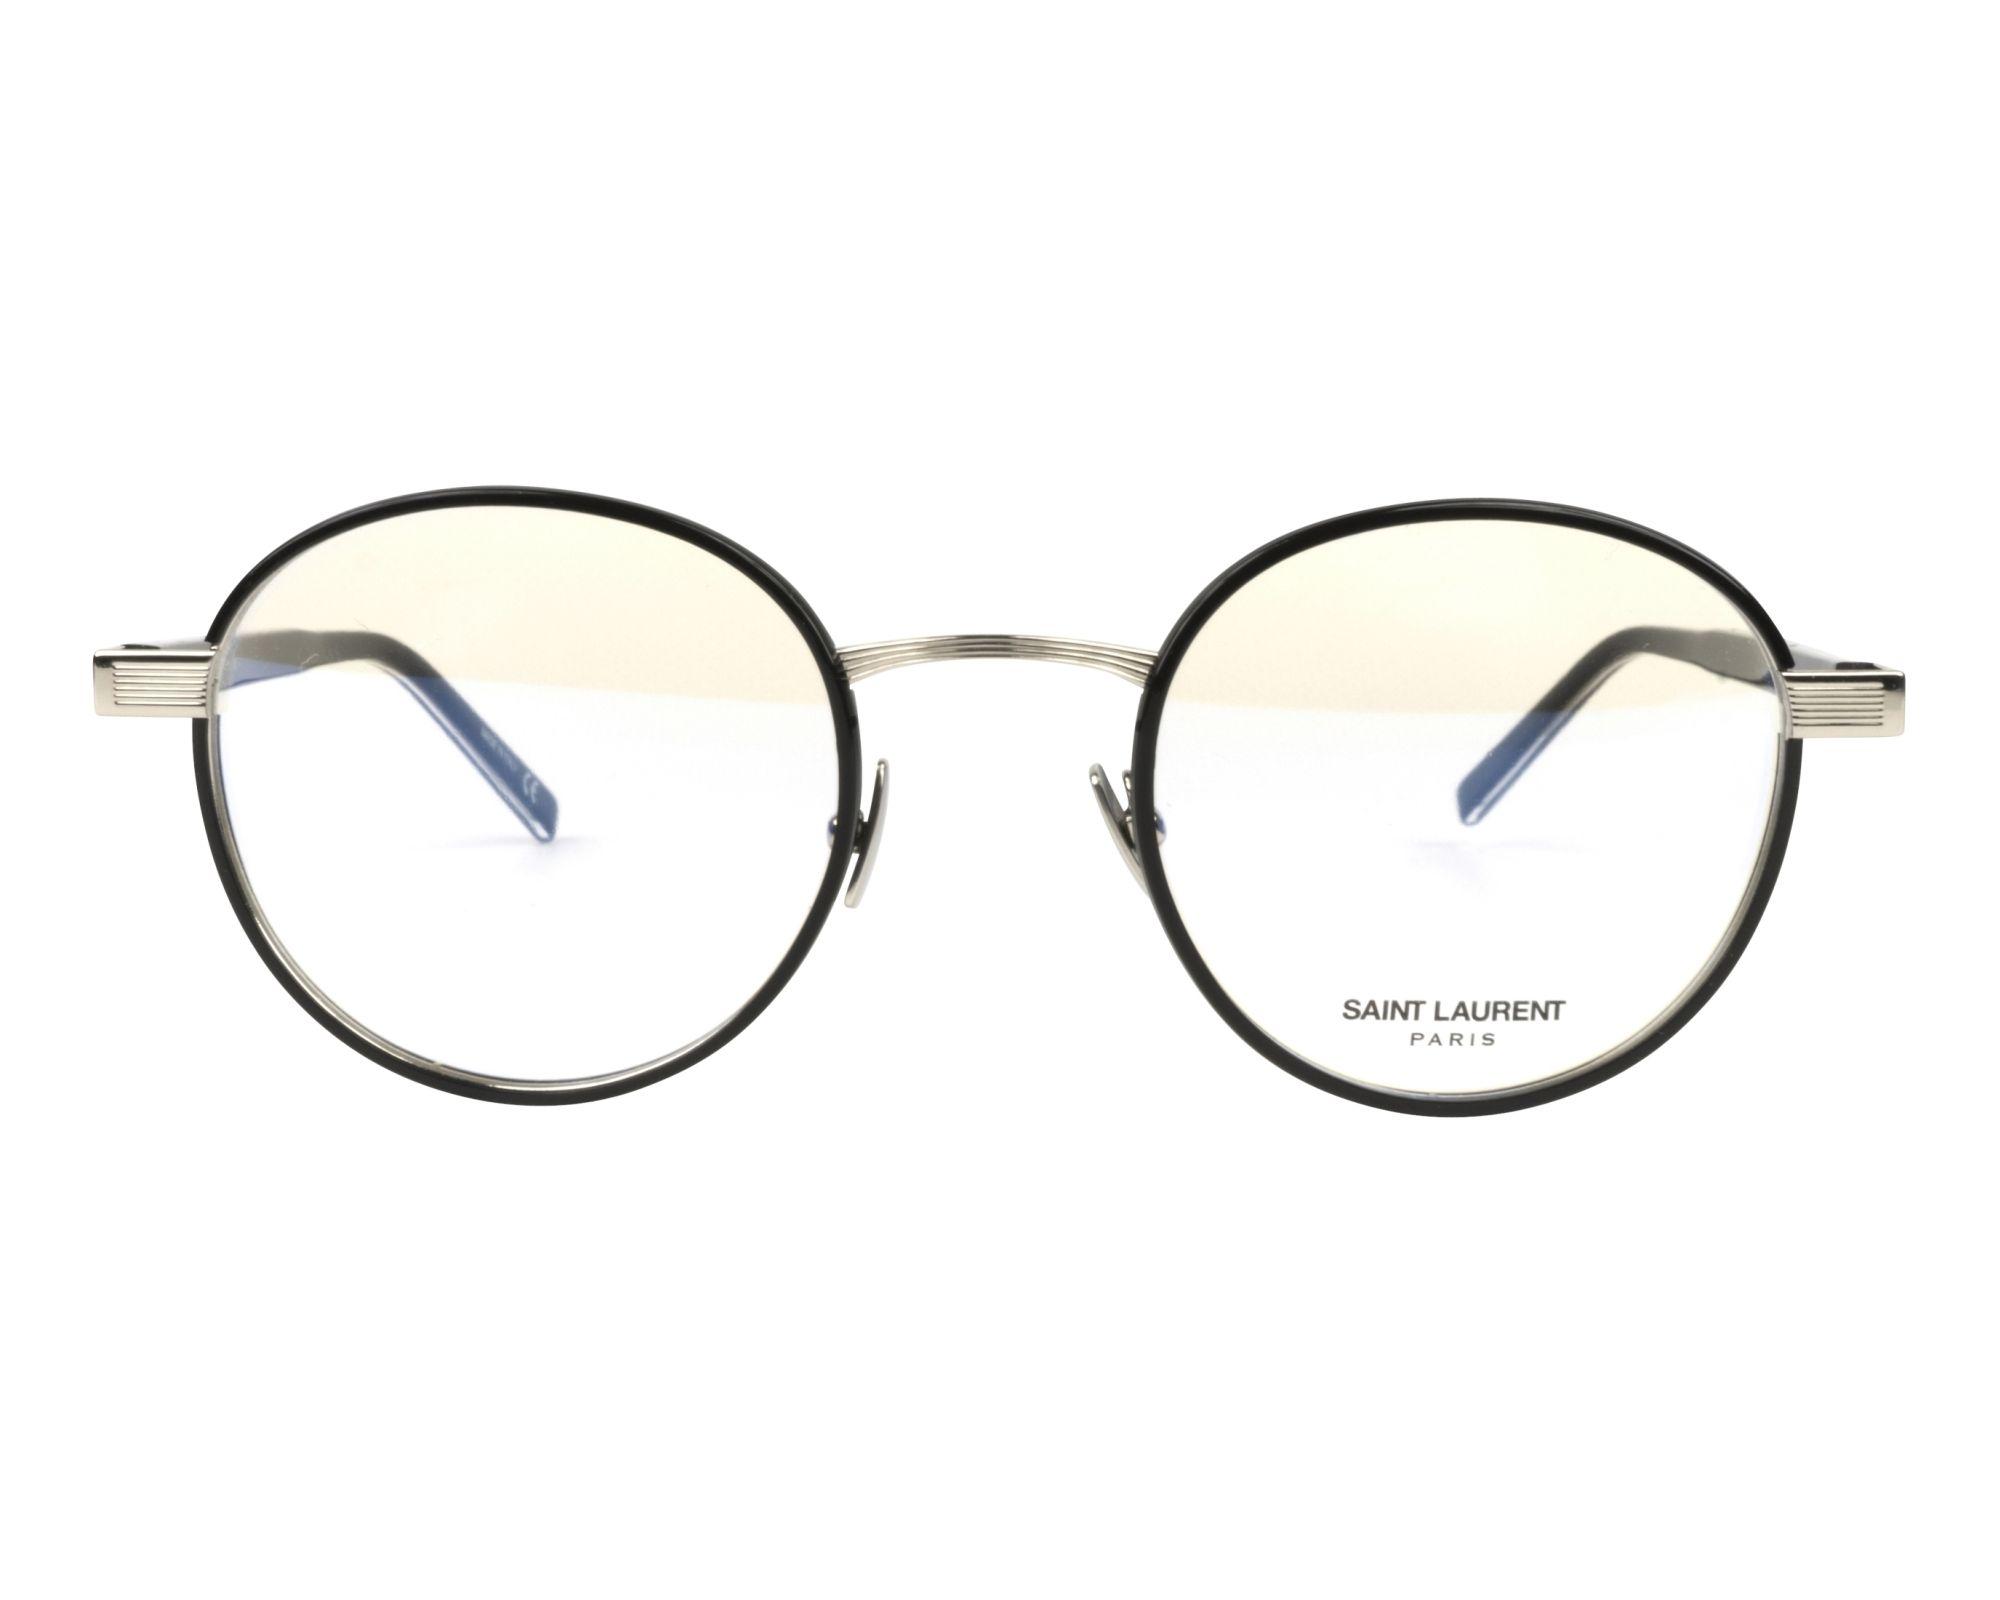 12155742737 Lunettes de vue Yves Saint Laurent SL-125 001 49-22 Noir Argent vue